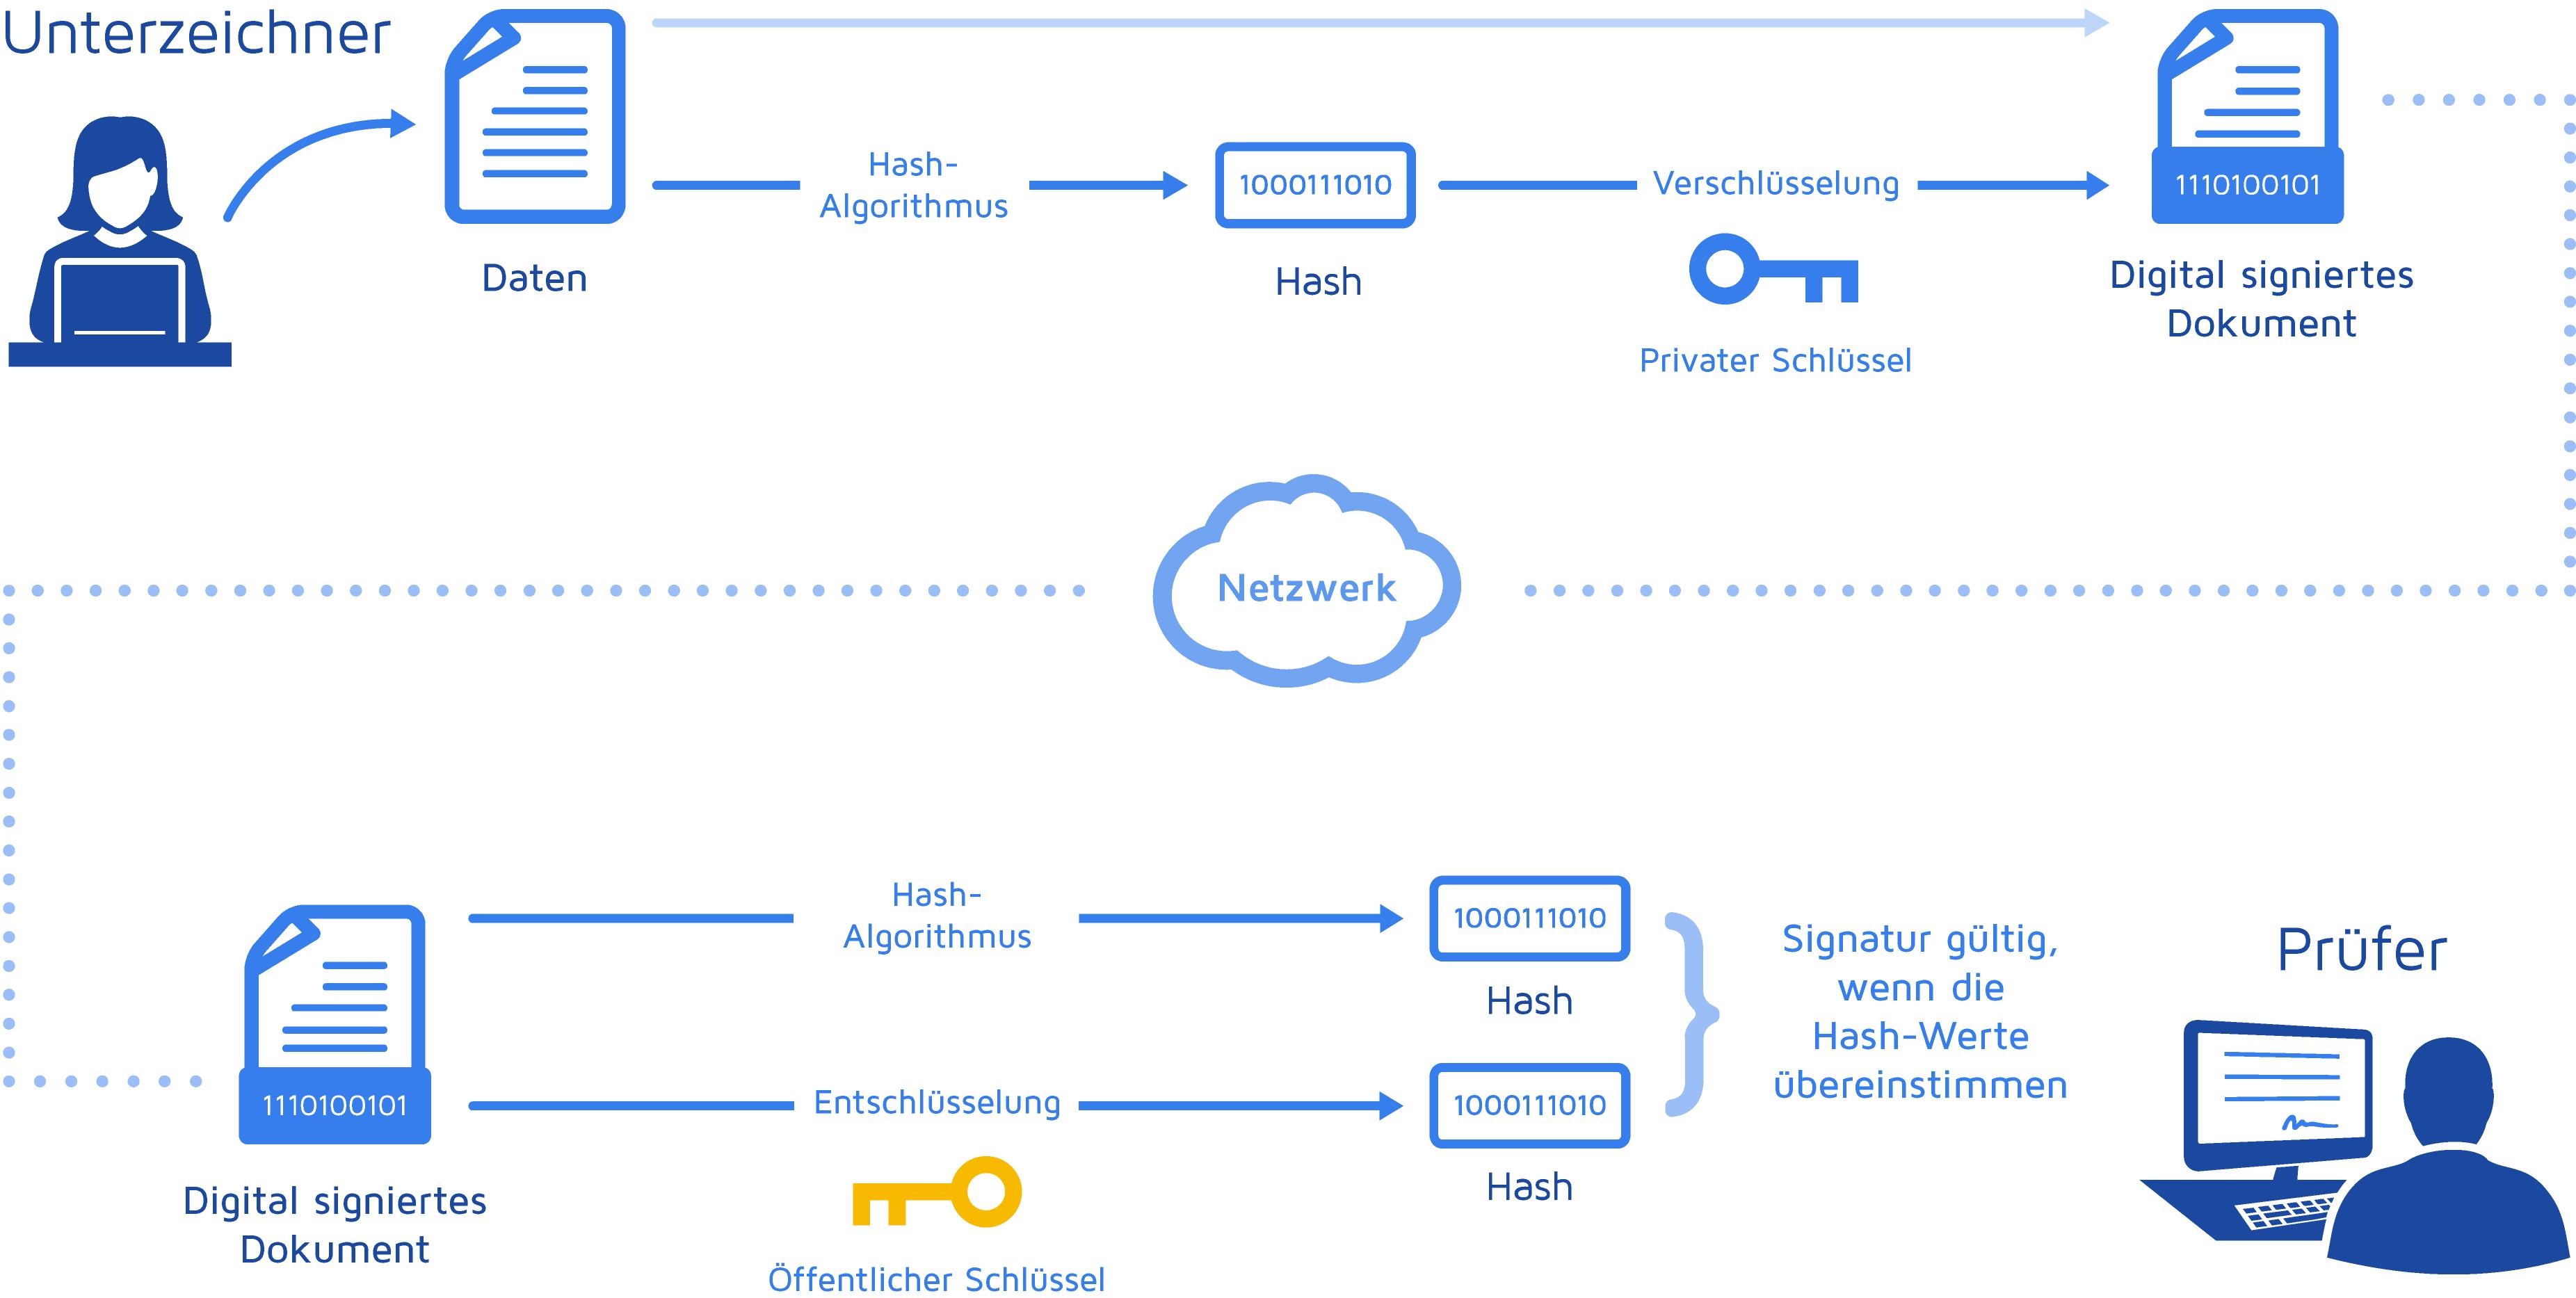 digitale Signatur: So läuft der Prozess ab